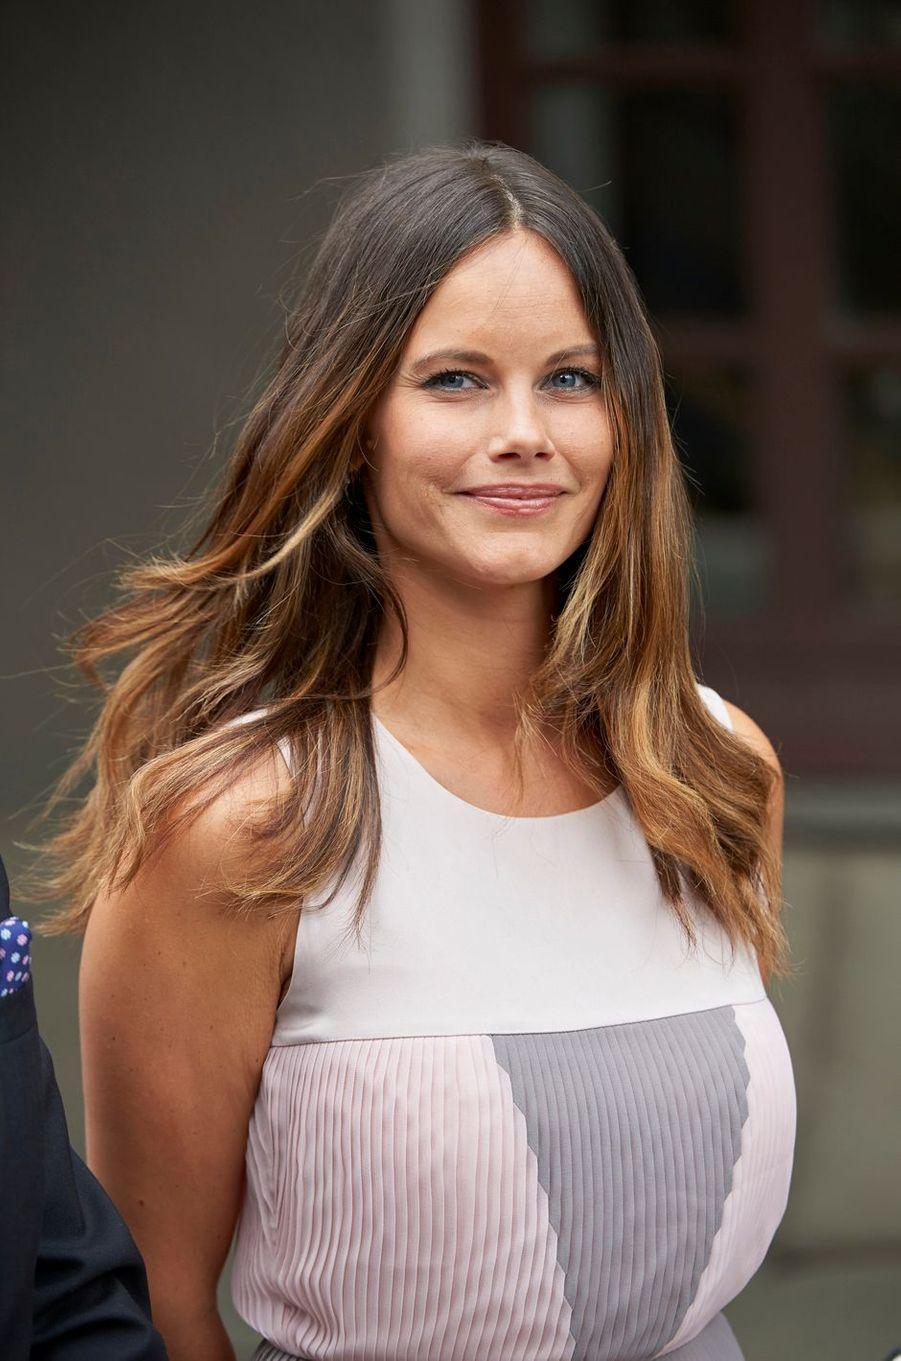 La princesse Sofia de Suède à Bastad, le 4 août 2016